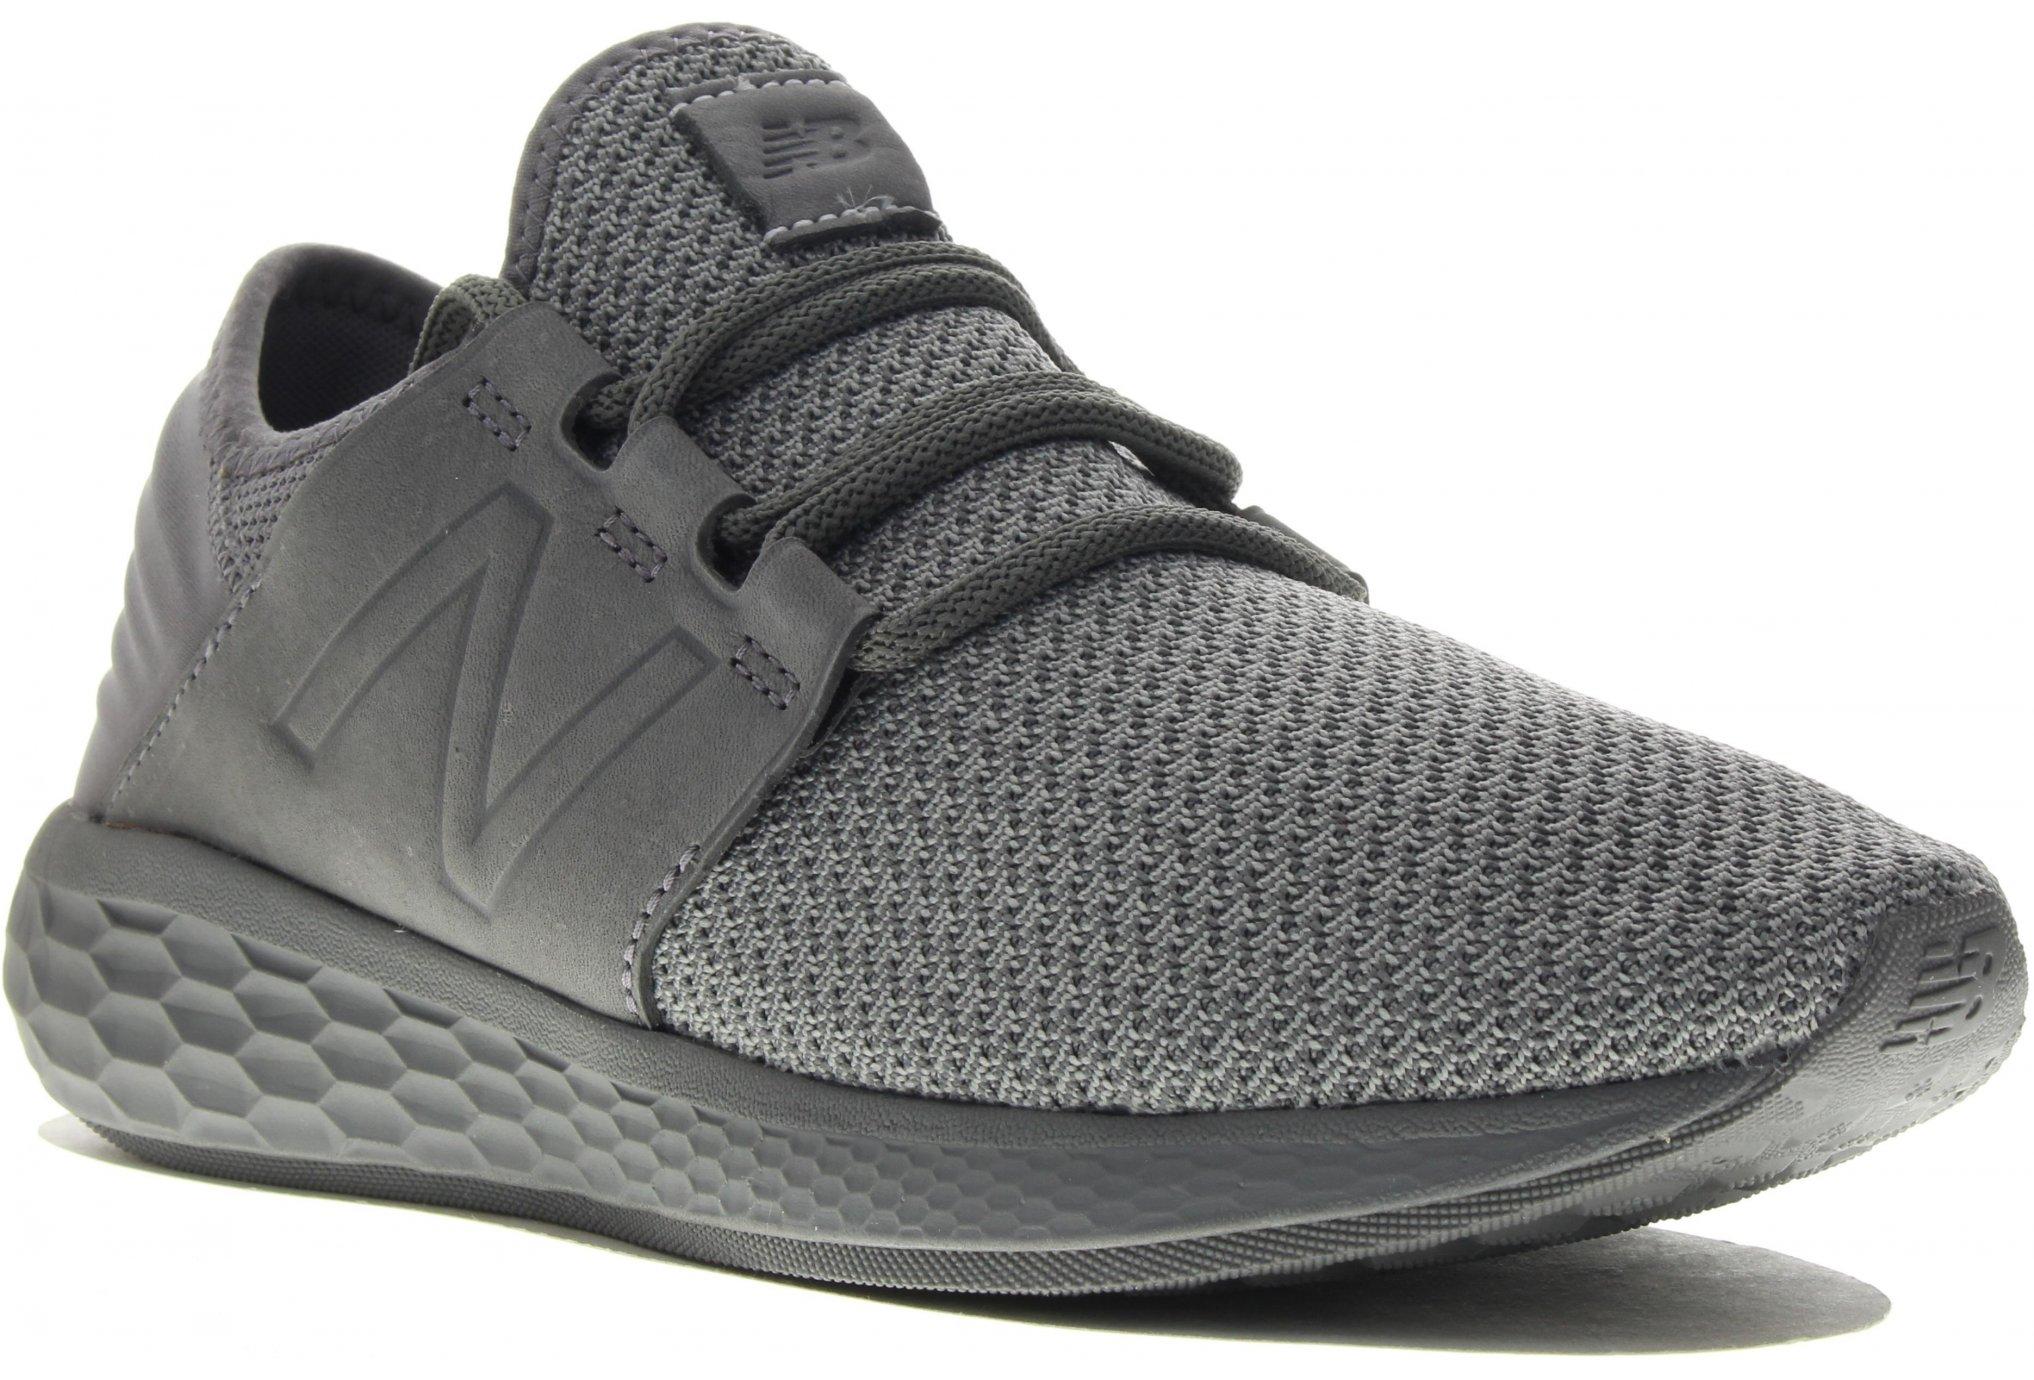 New Balance Fresh Foam Cruz v2 Knit M Diététique Chaussures homme